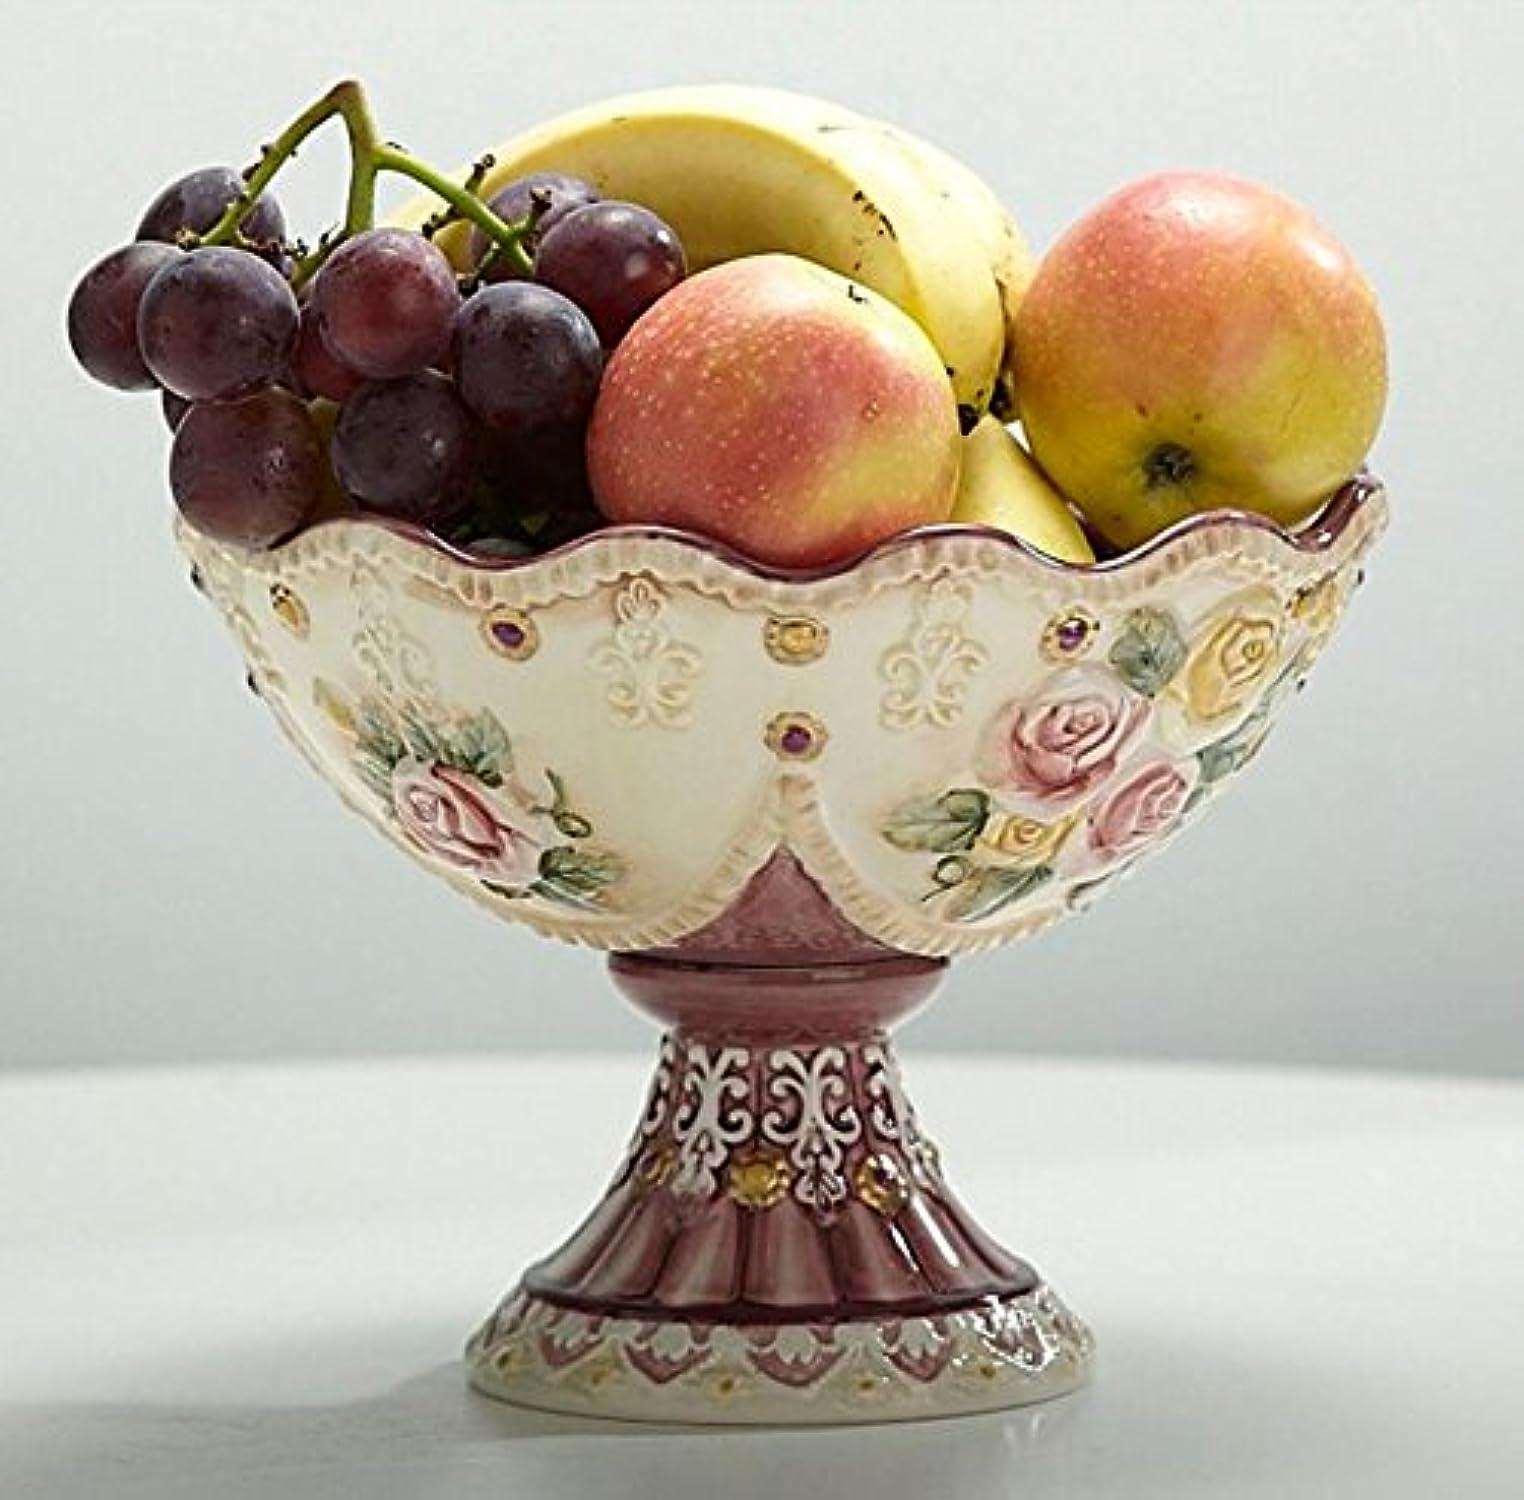 MLGG Plat de Fruits en céramique de Style européen, Snack Bowl, 22.5Cm